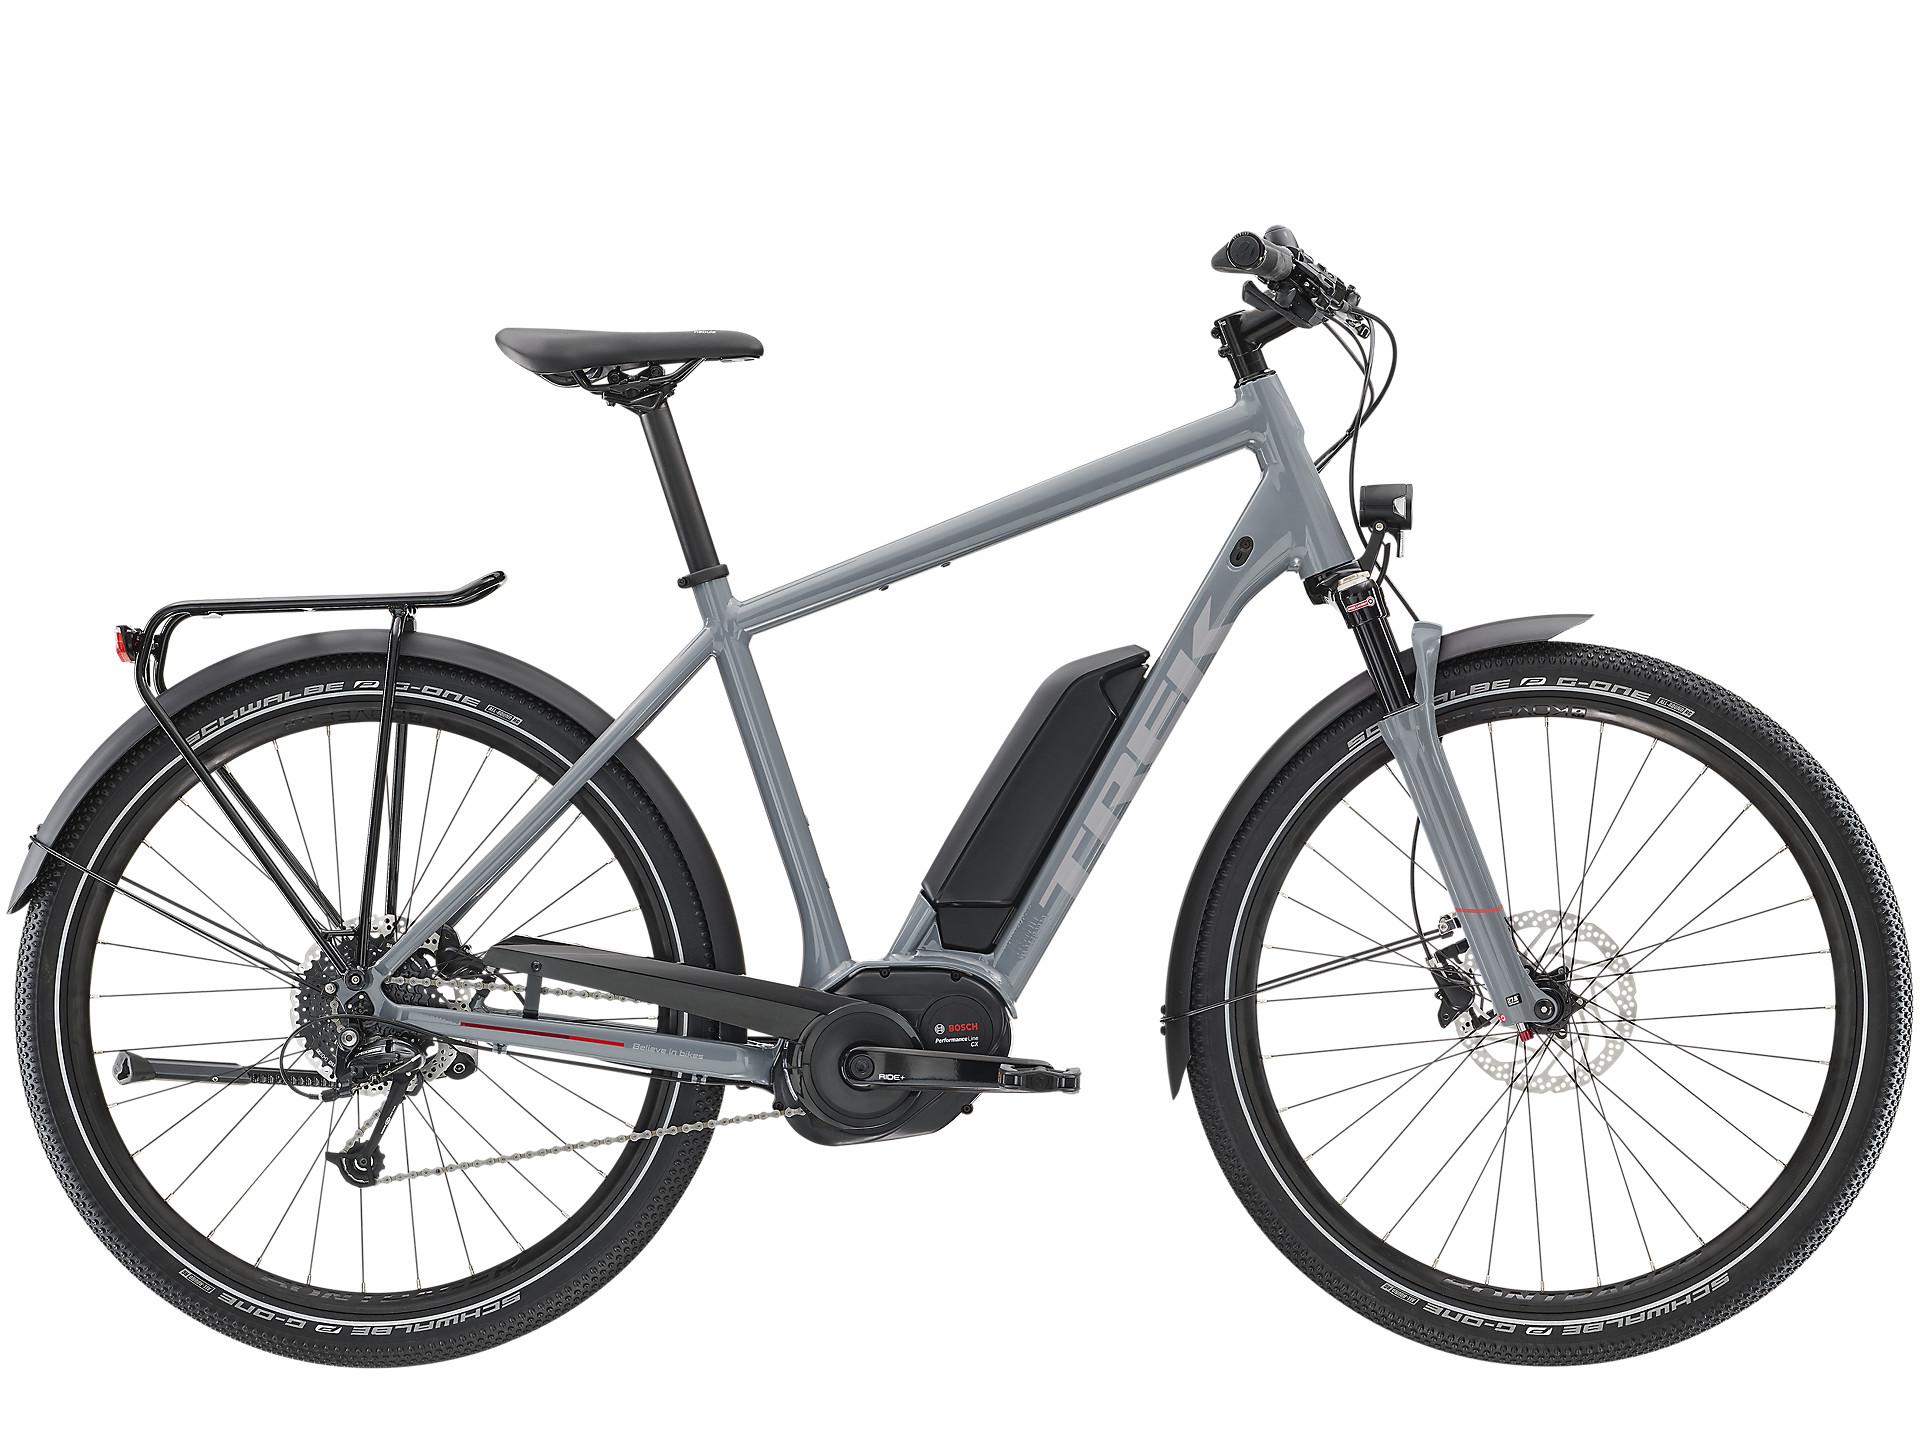 site réputé luxuriant dans la conception acheter mieux UM5+ pour hommes | Trek Bikes (FR)